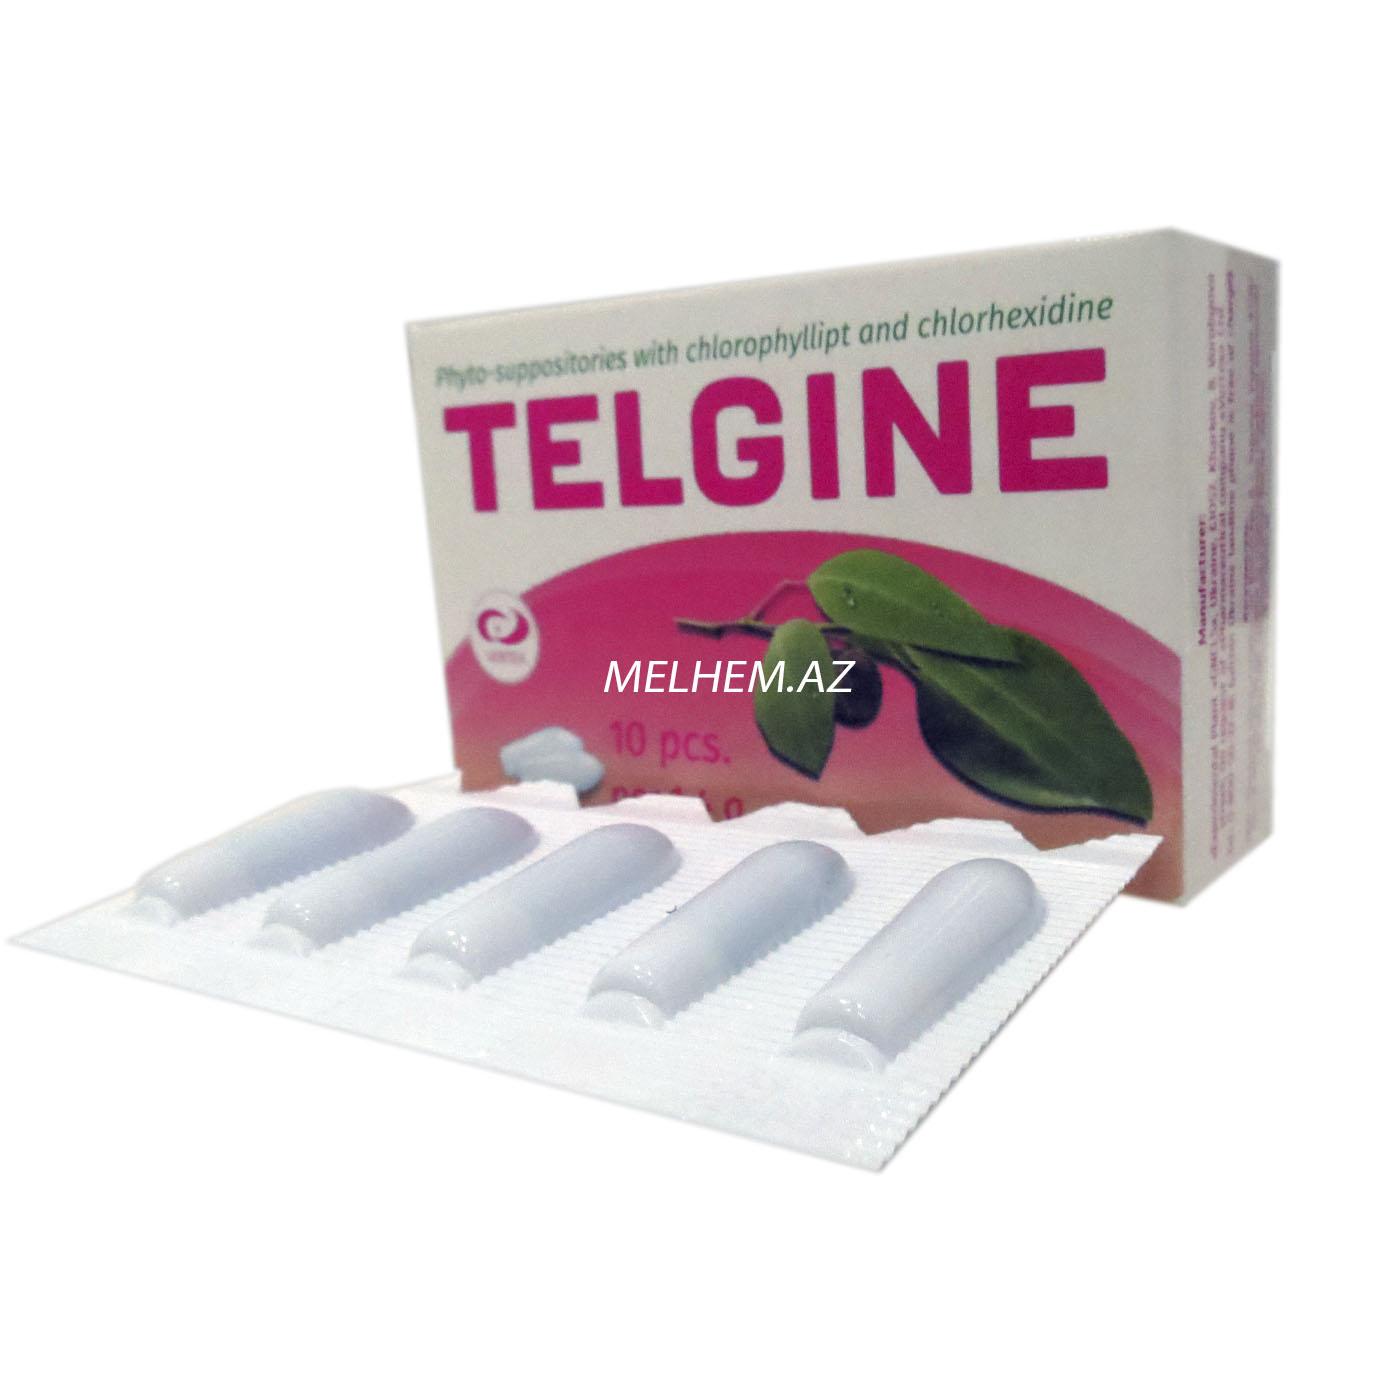 TELGINE